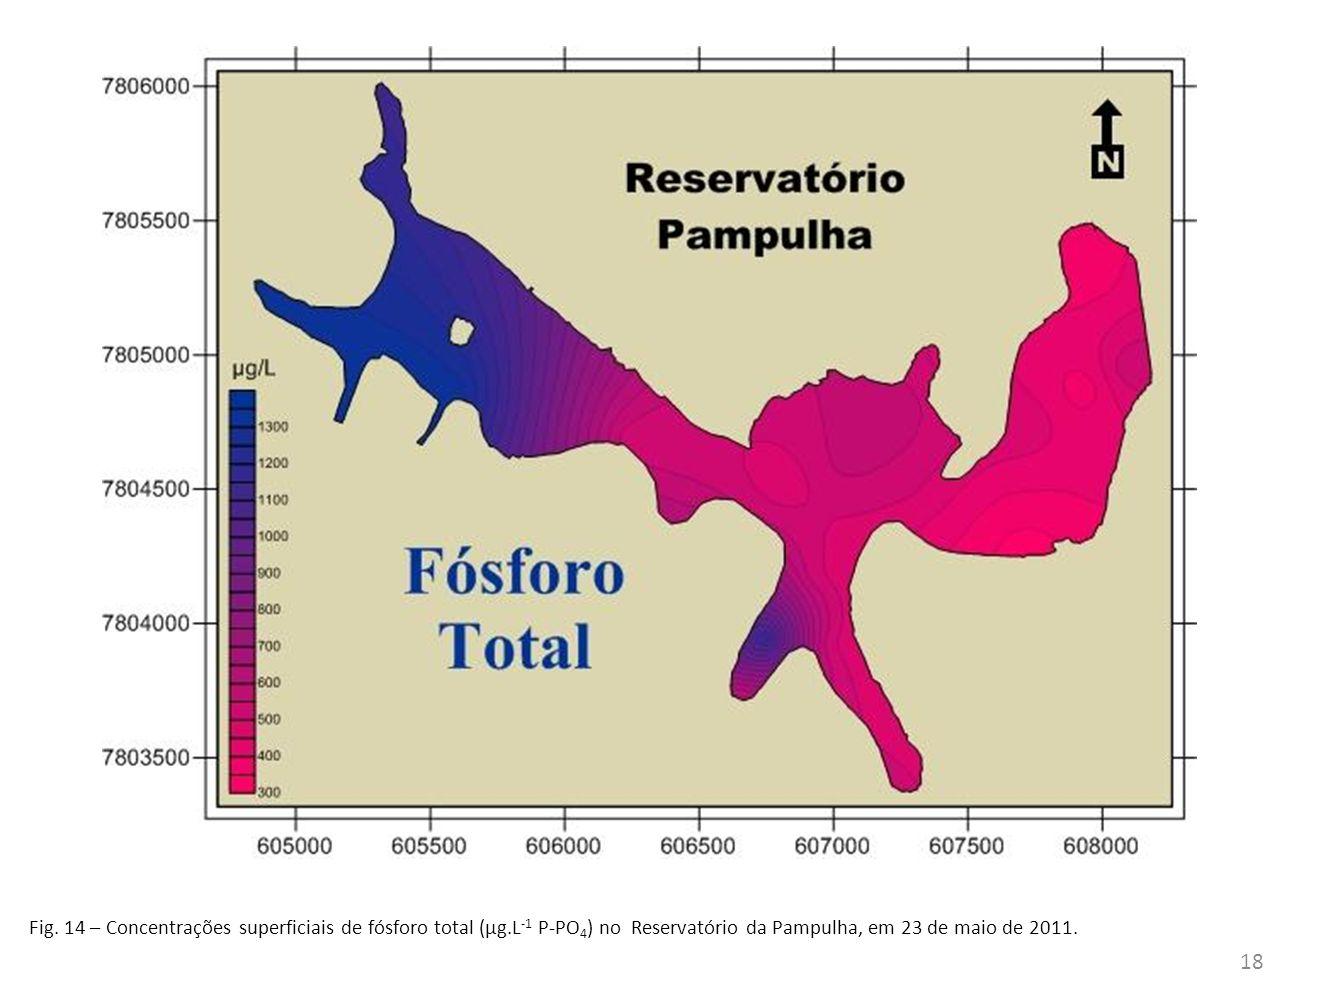 Fig. 14 – Concentrações superficiais de fósforo total (µg